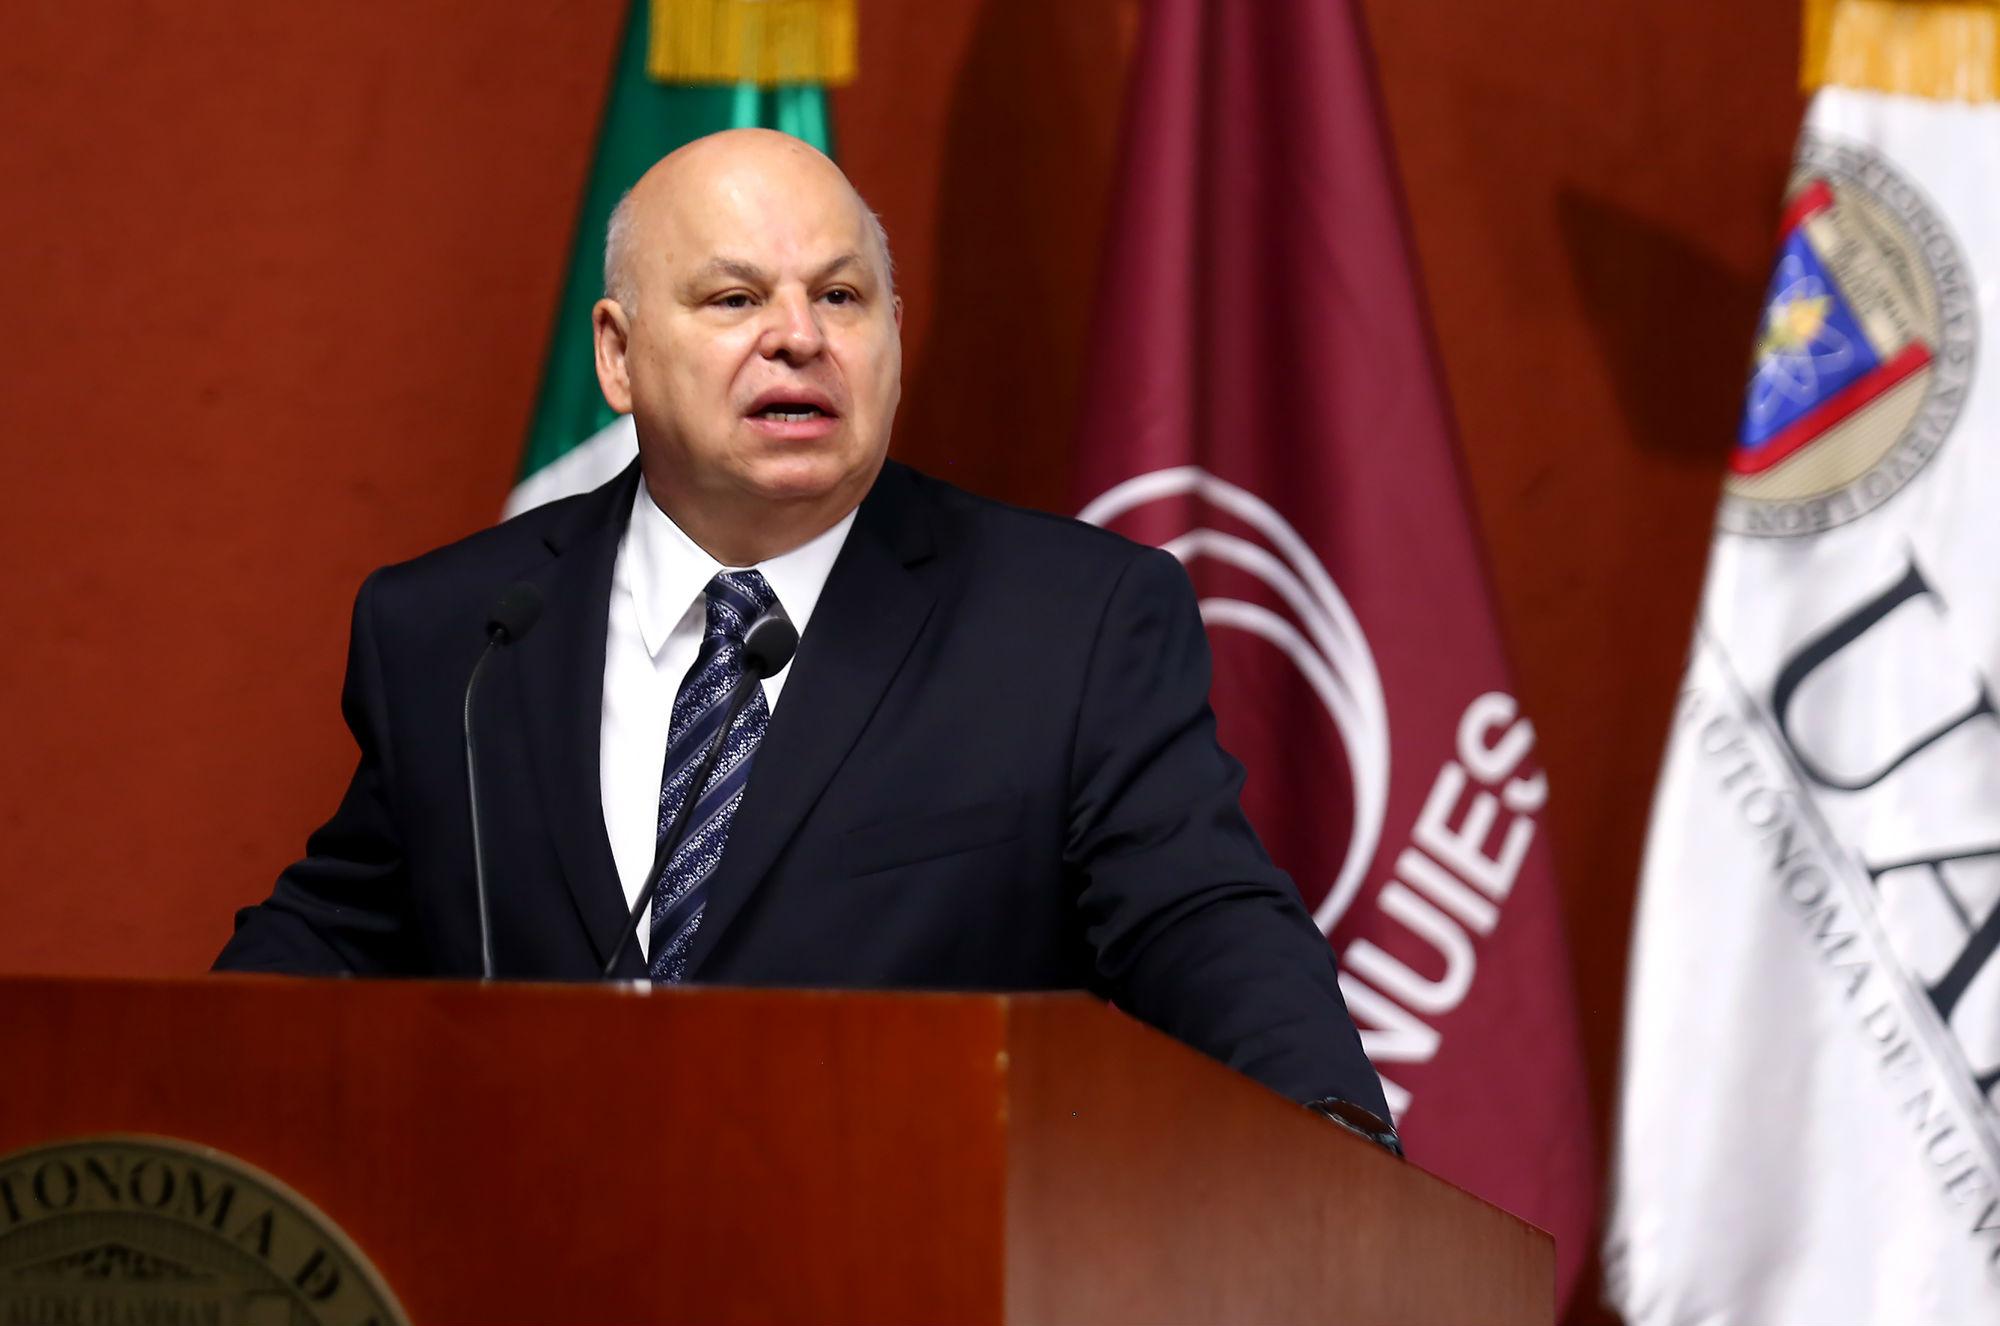 Subsecretario de Educación Superior, Rodolfo Tuirán